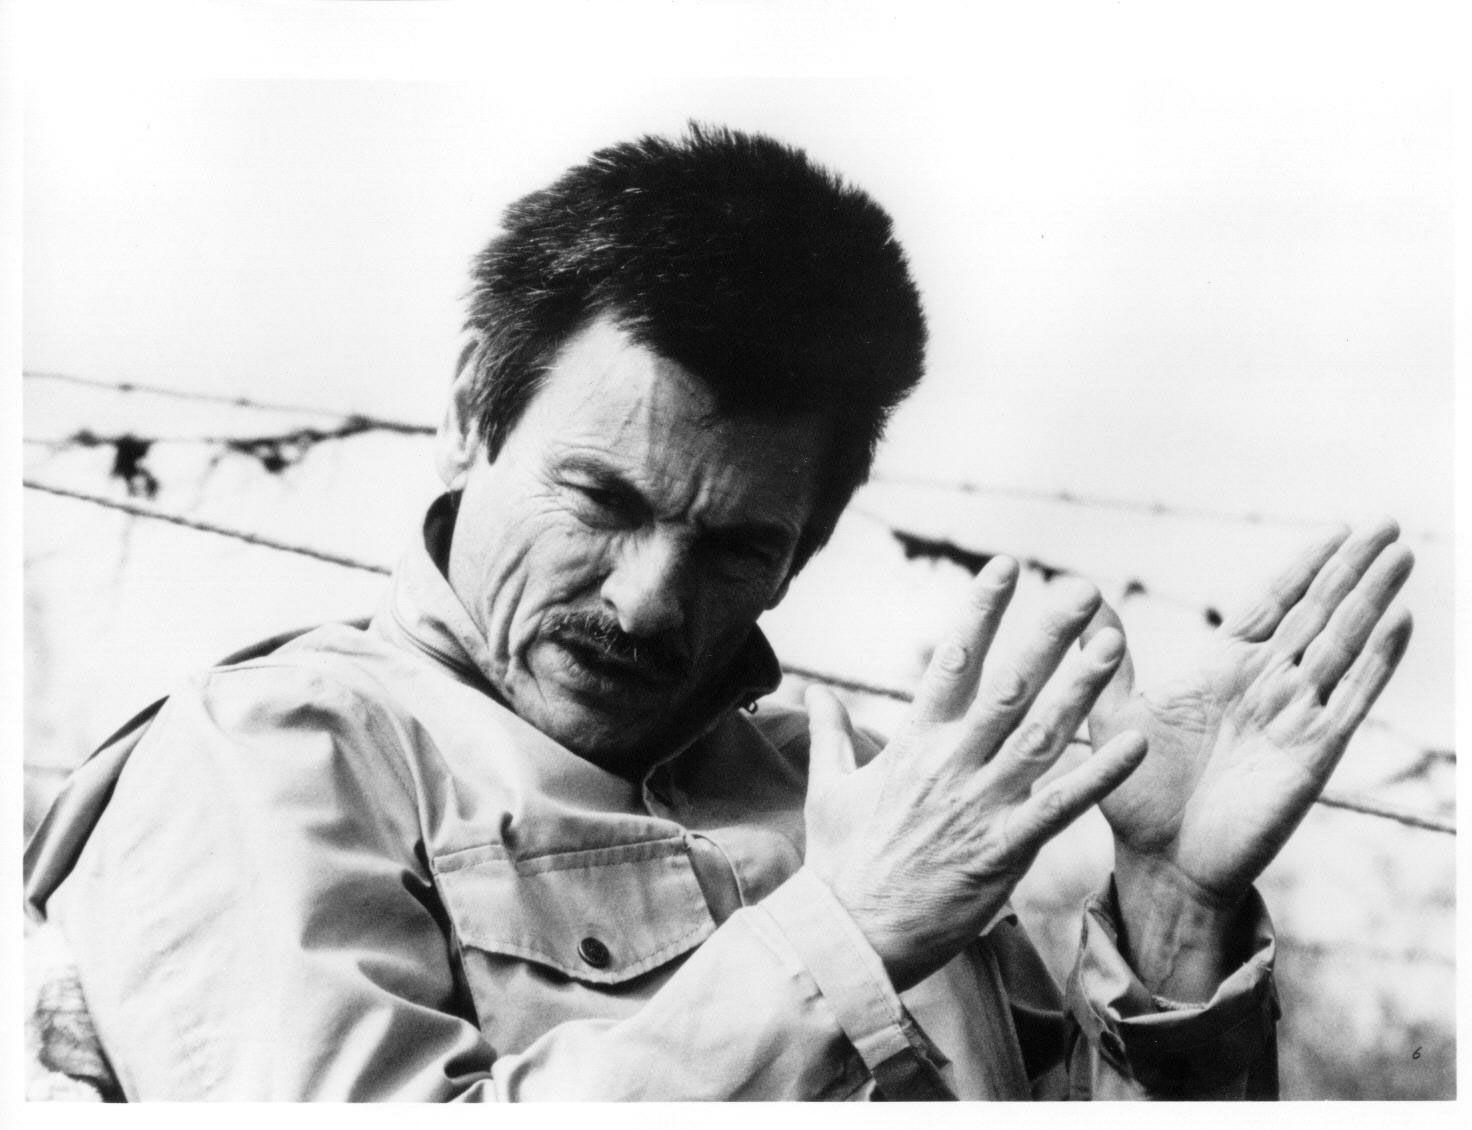 """Αντρέι Ταρκόφσκι, """"φεύγει"""" σαν σήμερα πριν από 32 χρόνια"""